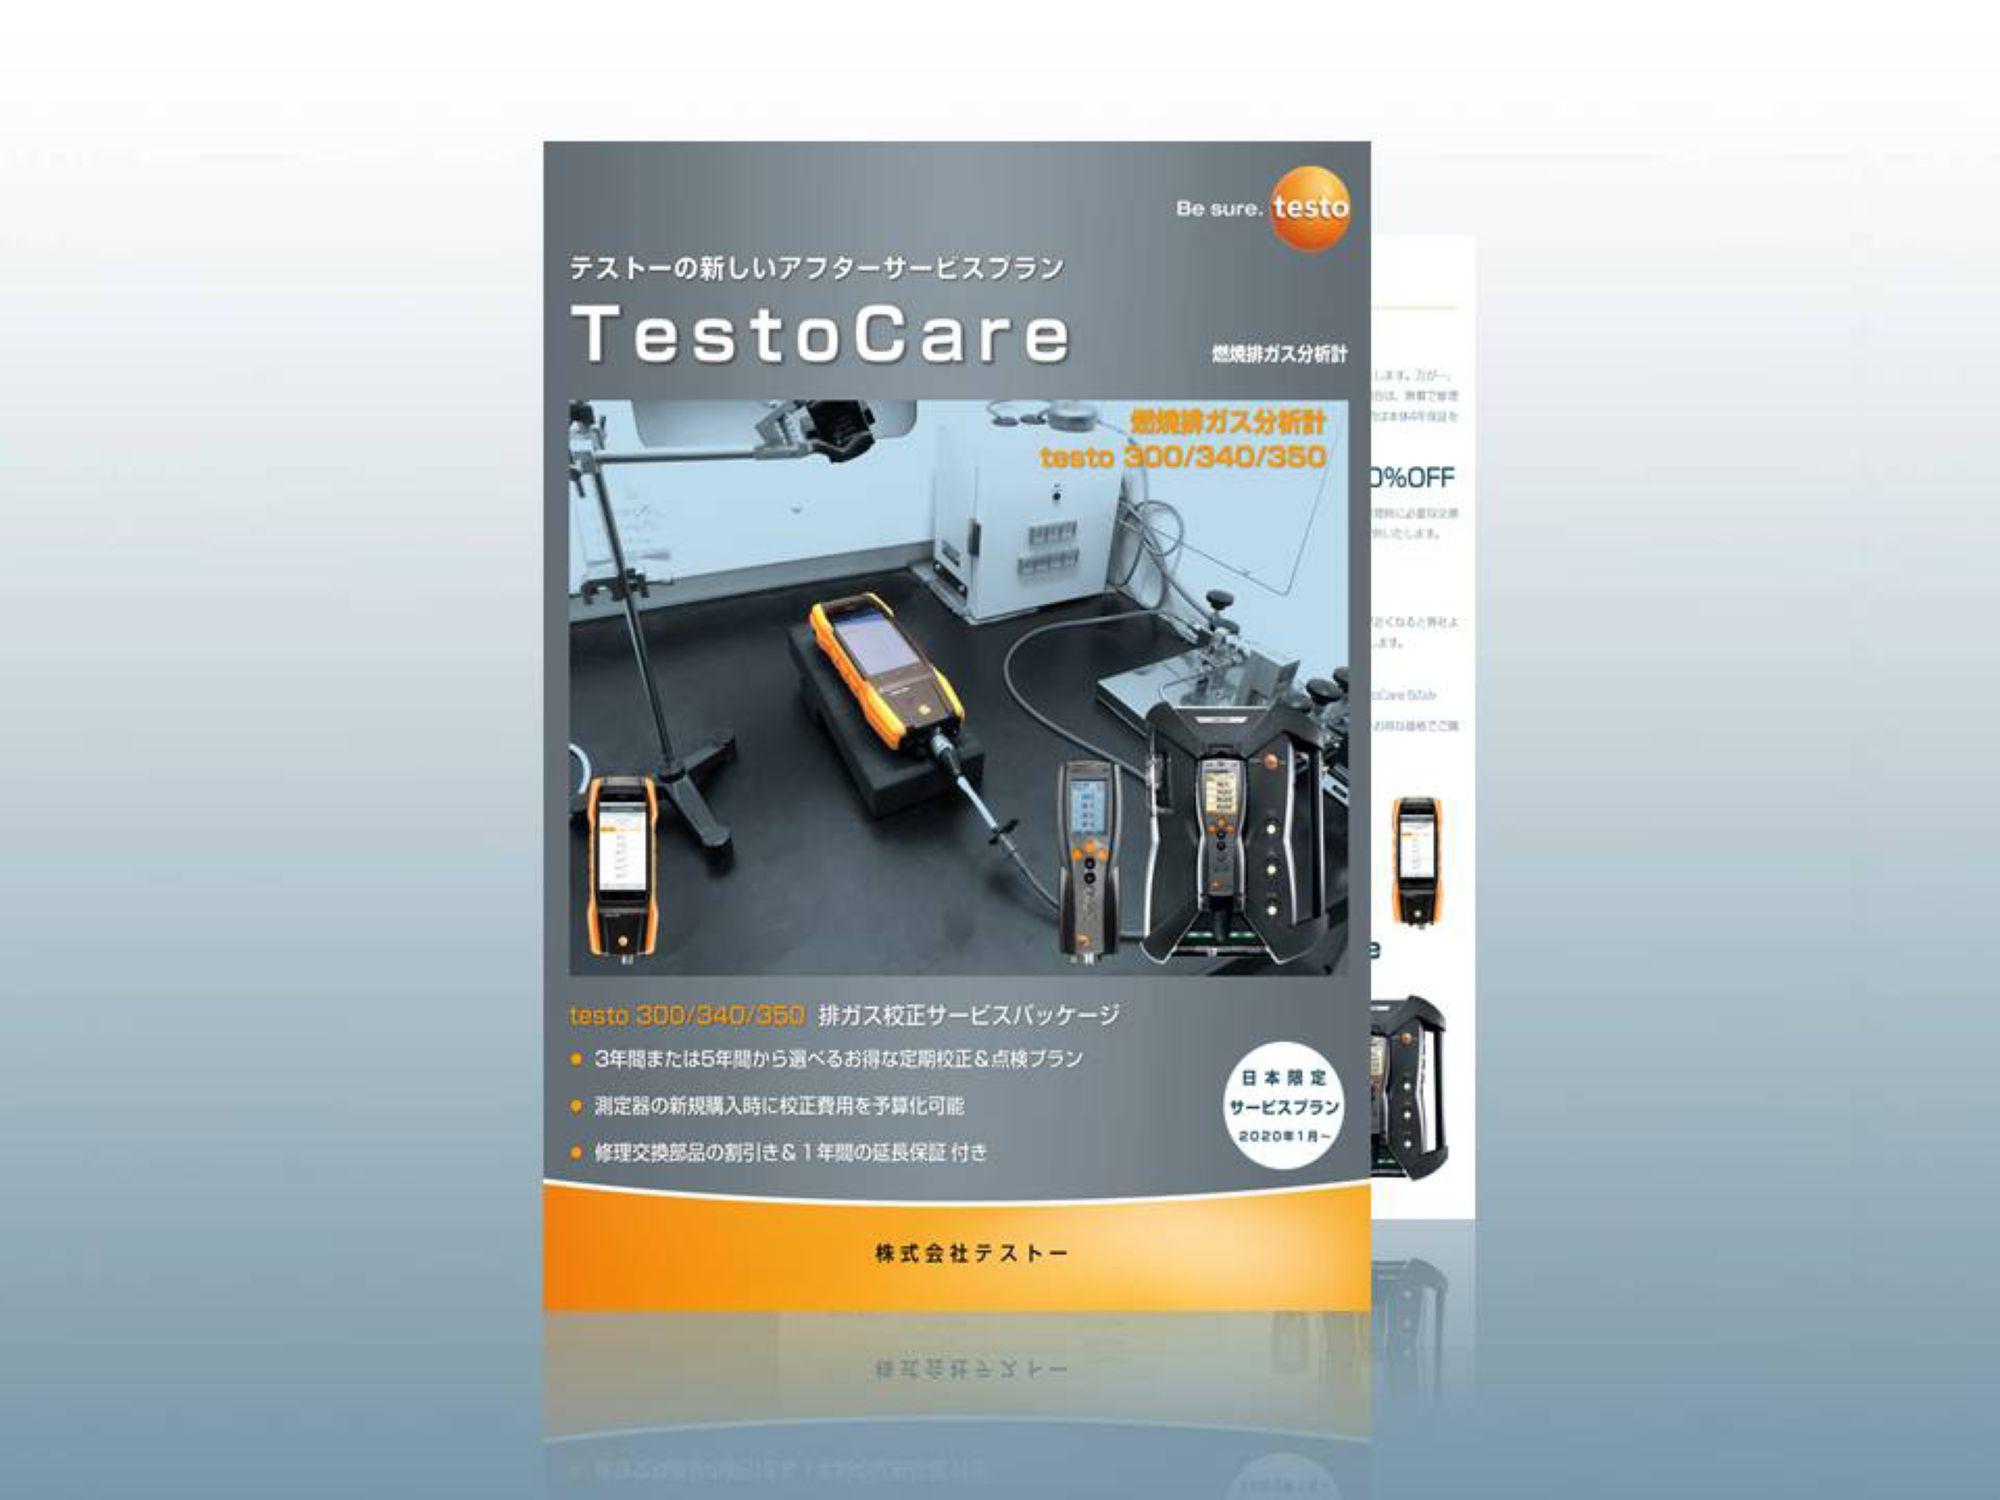 jp_TestoCare_fluegas_thumbnail.png